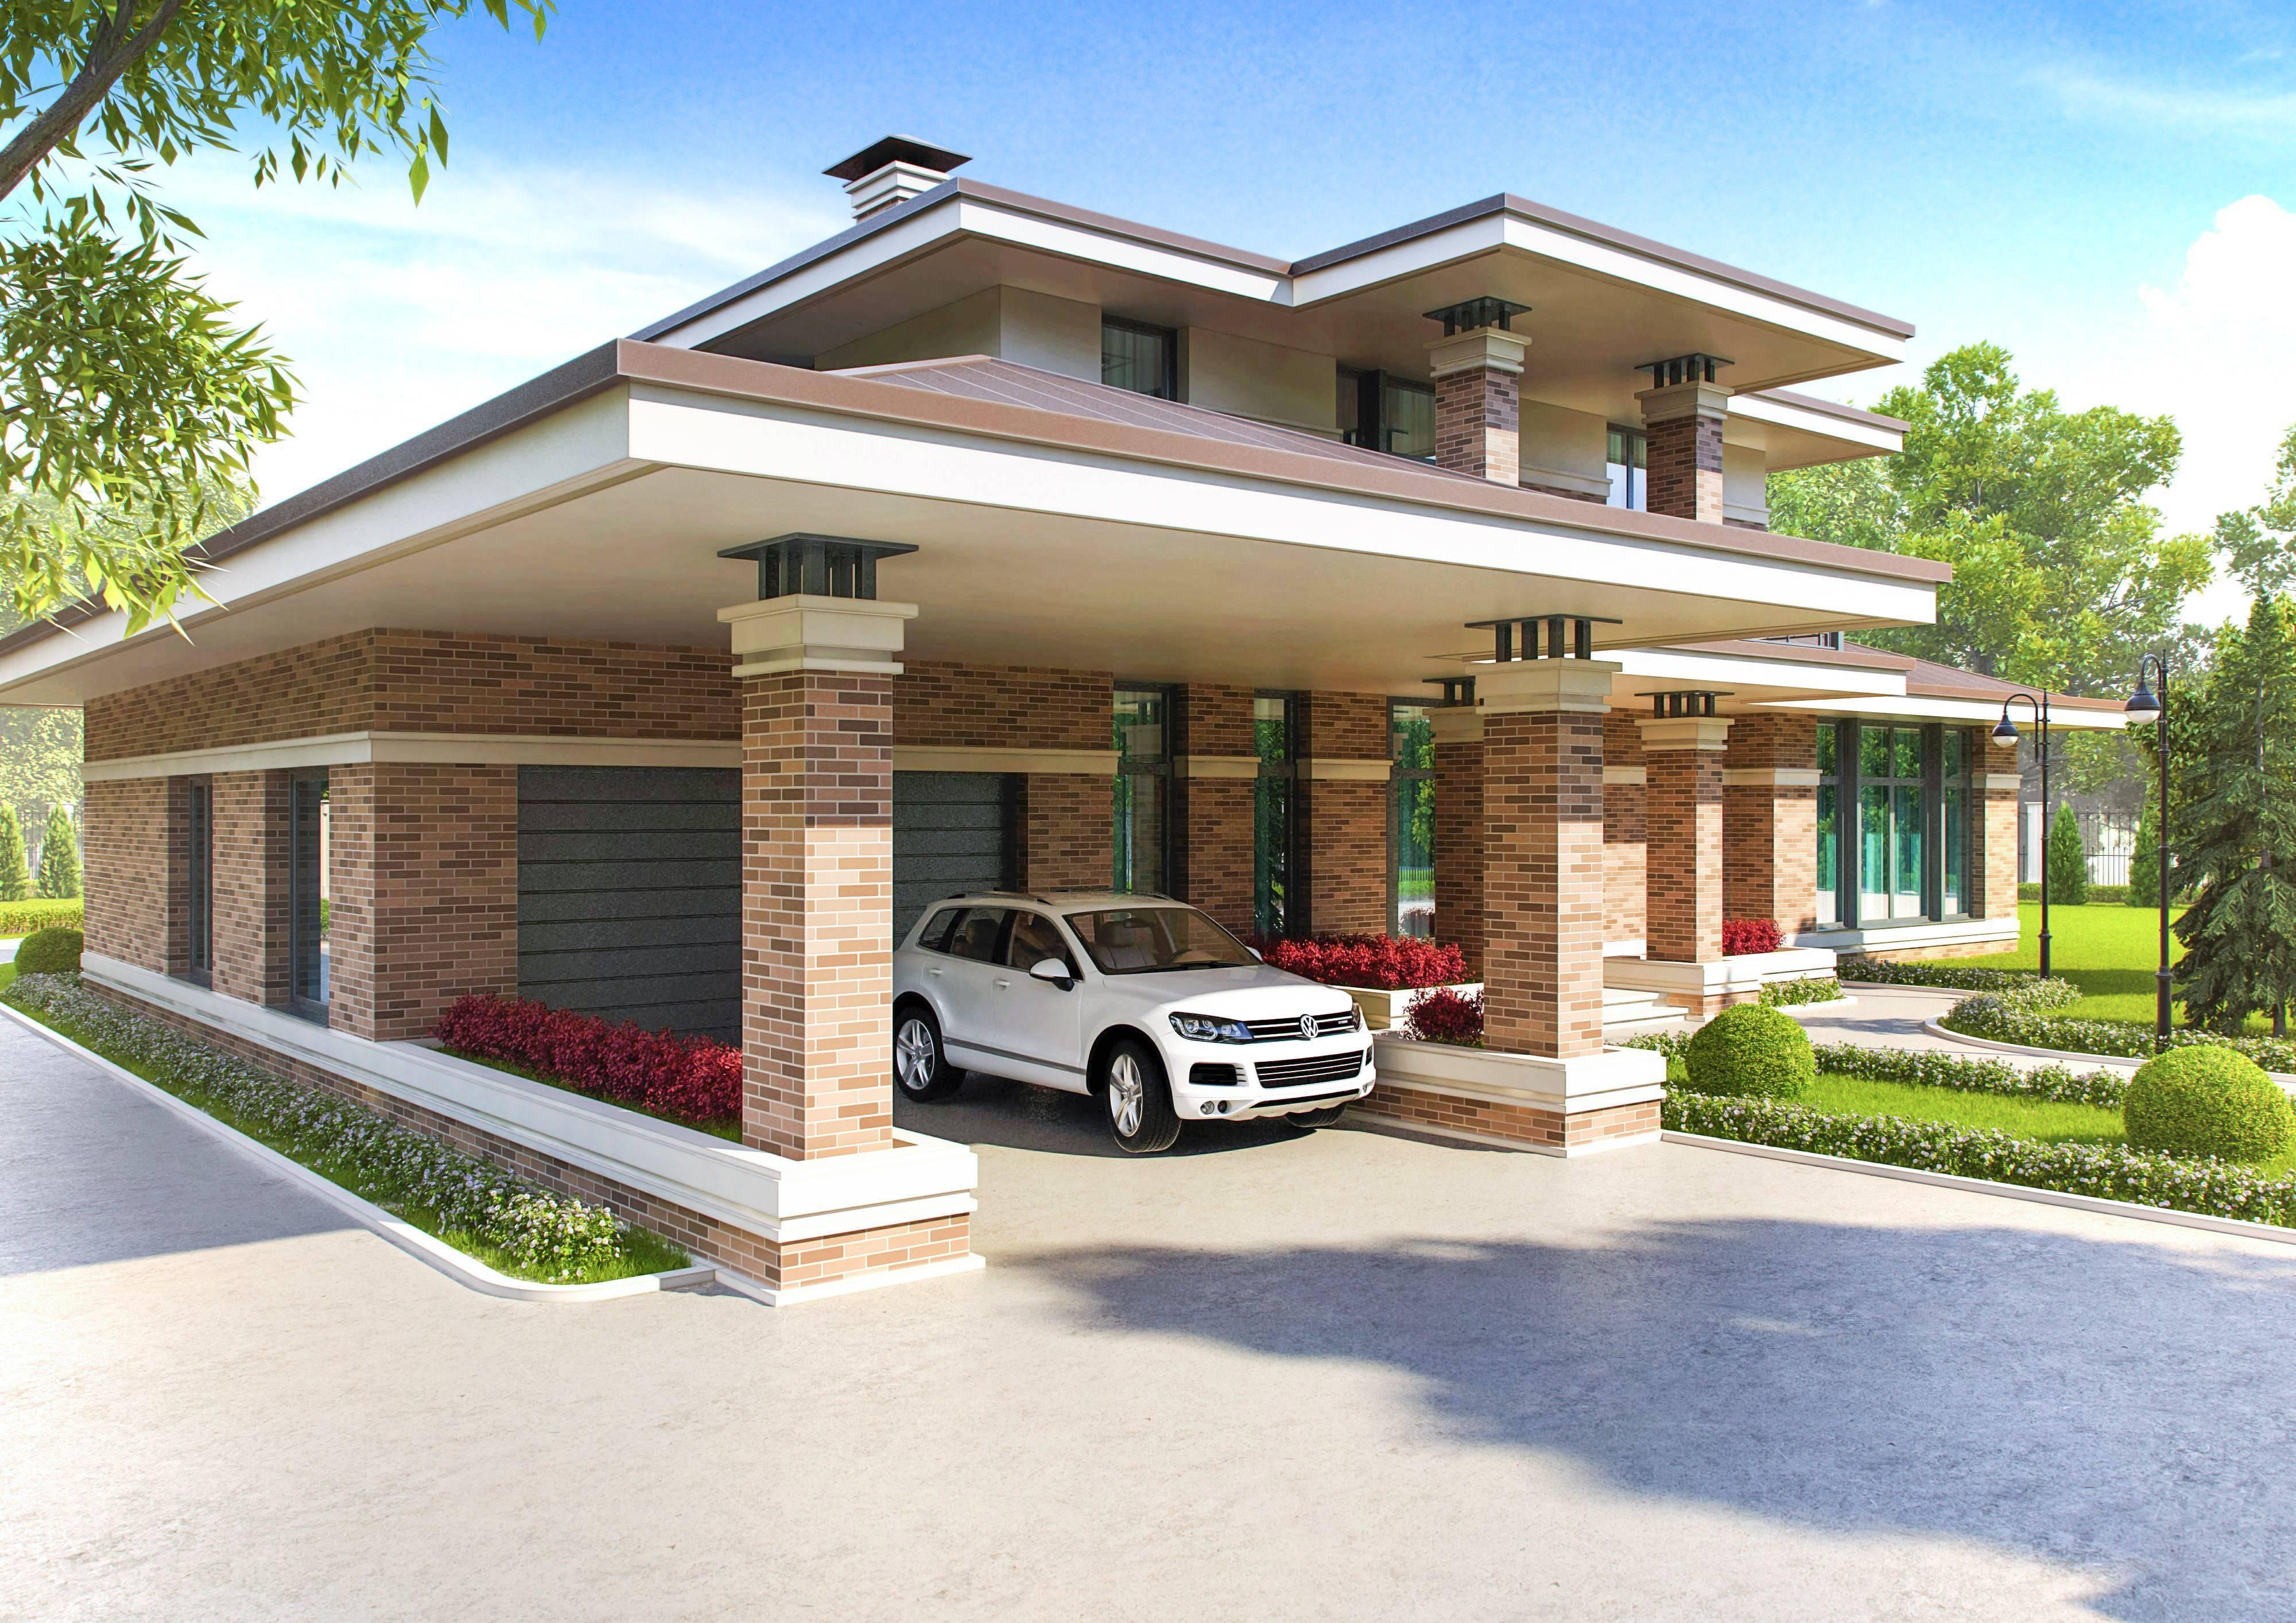 Монолитное строительство - строительство загородных домов и коттеджей под ключ в москве и московской области